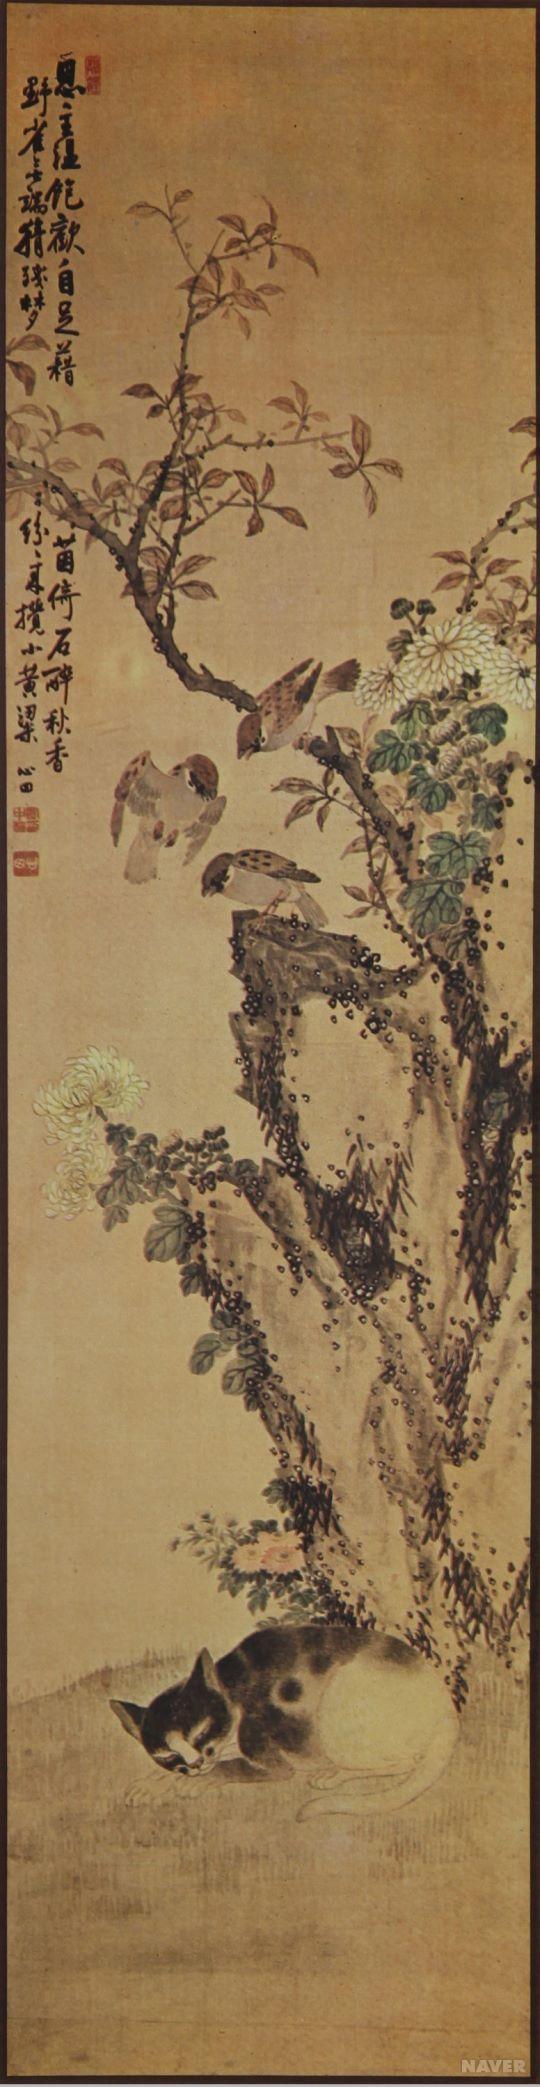 심전 안중식 (1861-1919), 화조도, 제작연도 - 20세기, 수묵채색화, 견본담채.